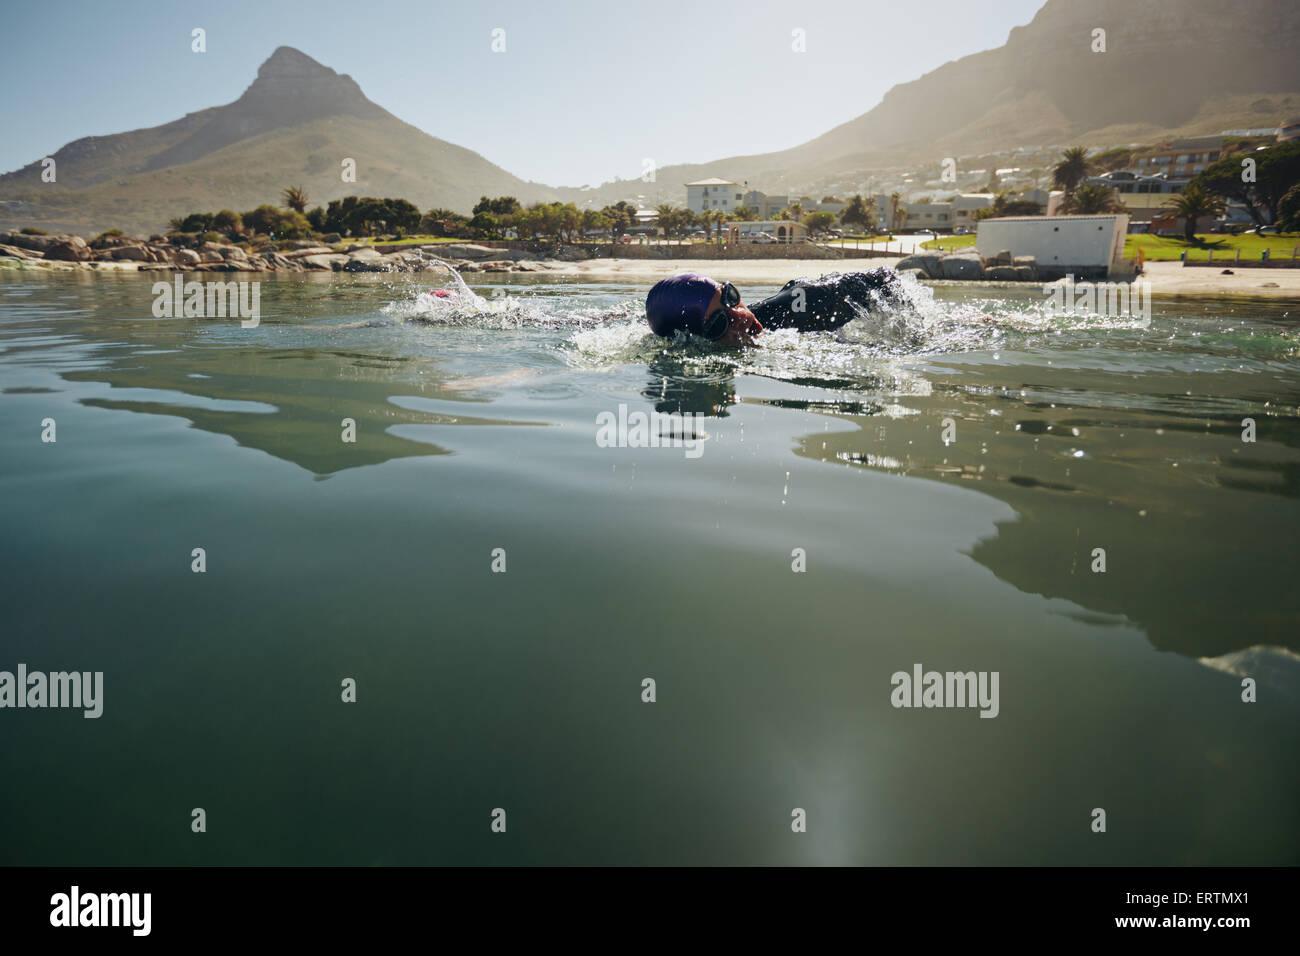 Athlète masculin natation en eau libre. Pour l'athlète pratiquant la compétition de triathlon. Banque D'Images